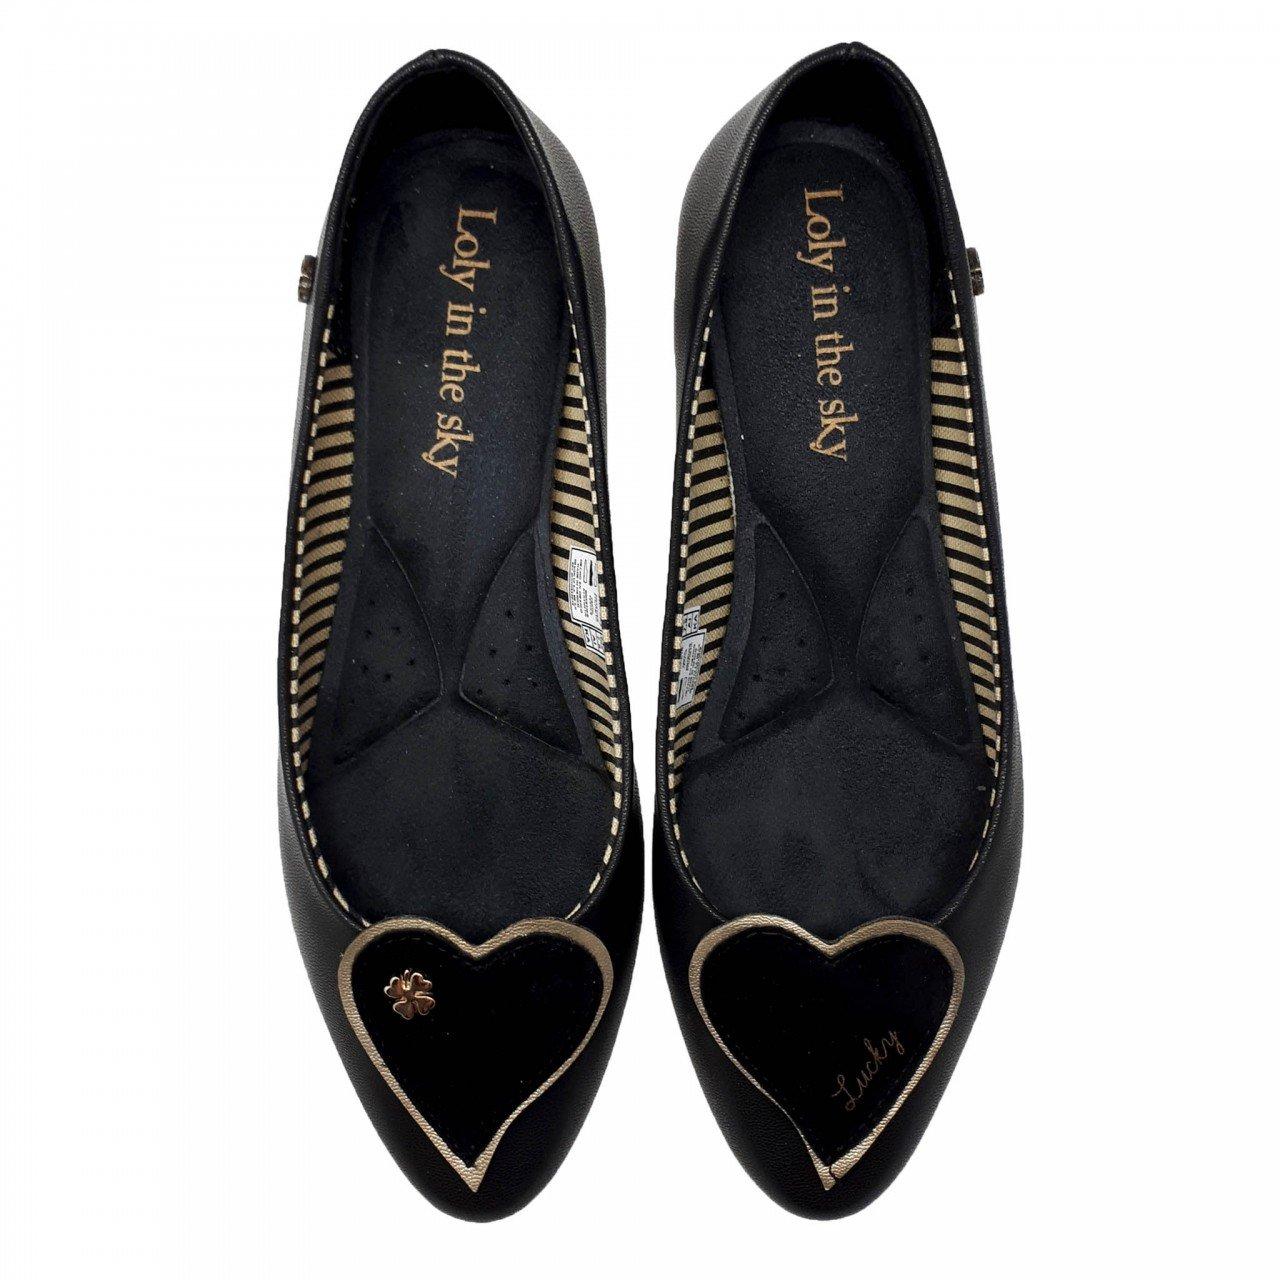 Zapato balerina negro para mujer Rigoberta Loly in the SKY